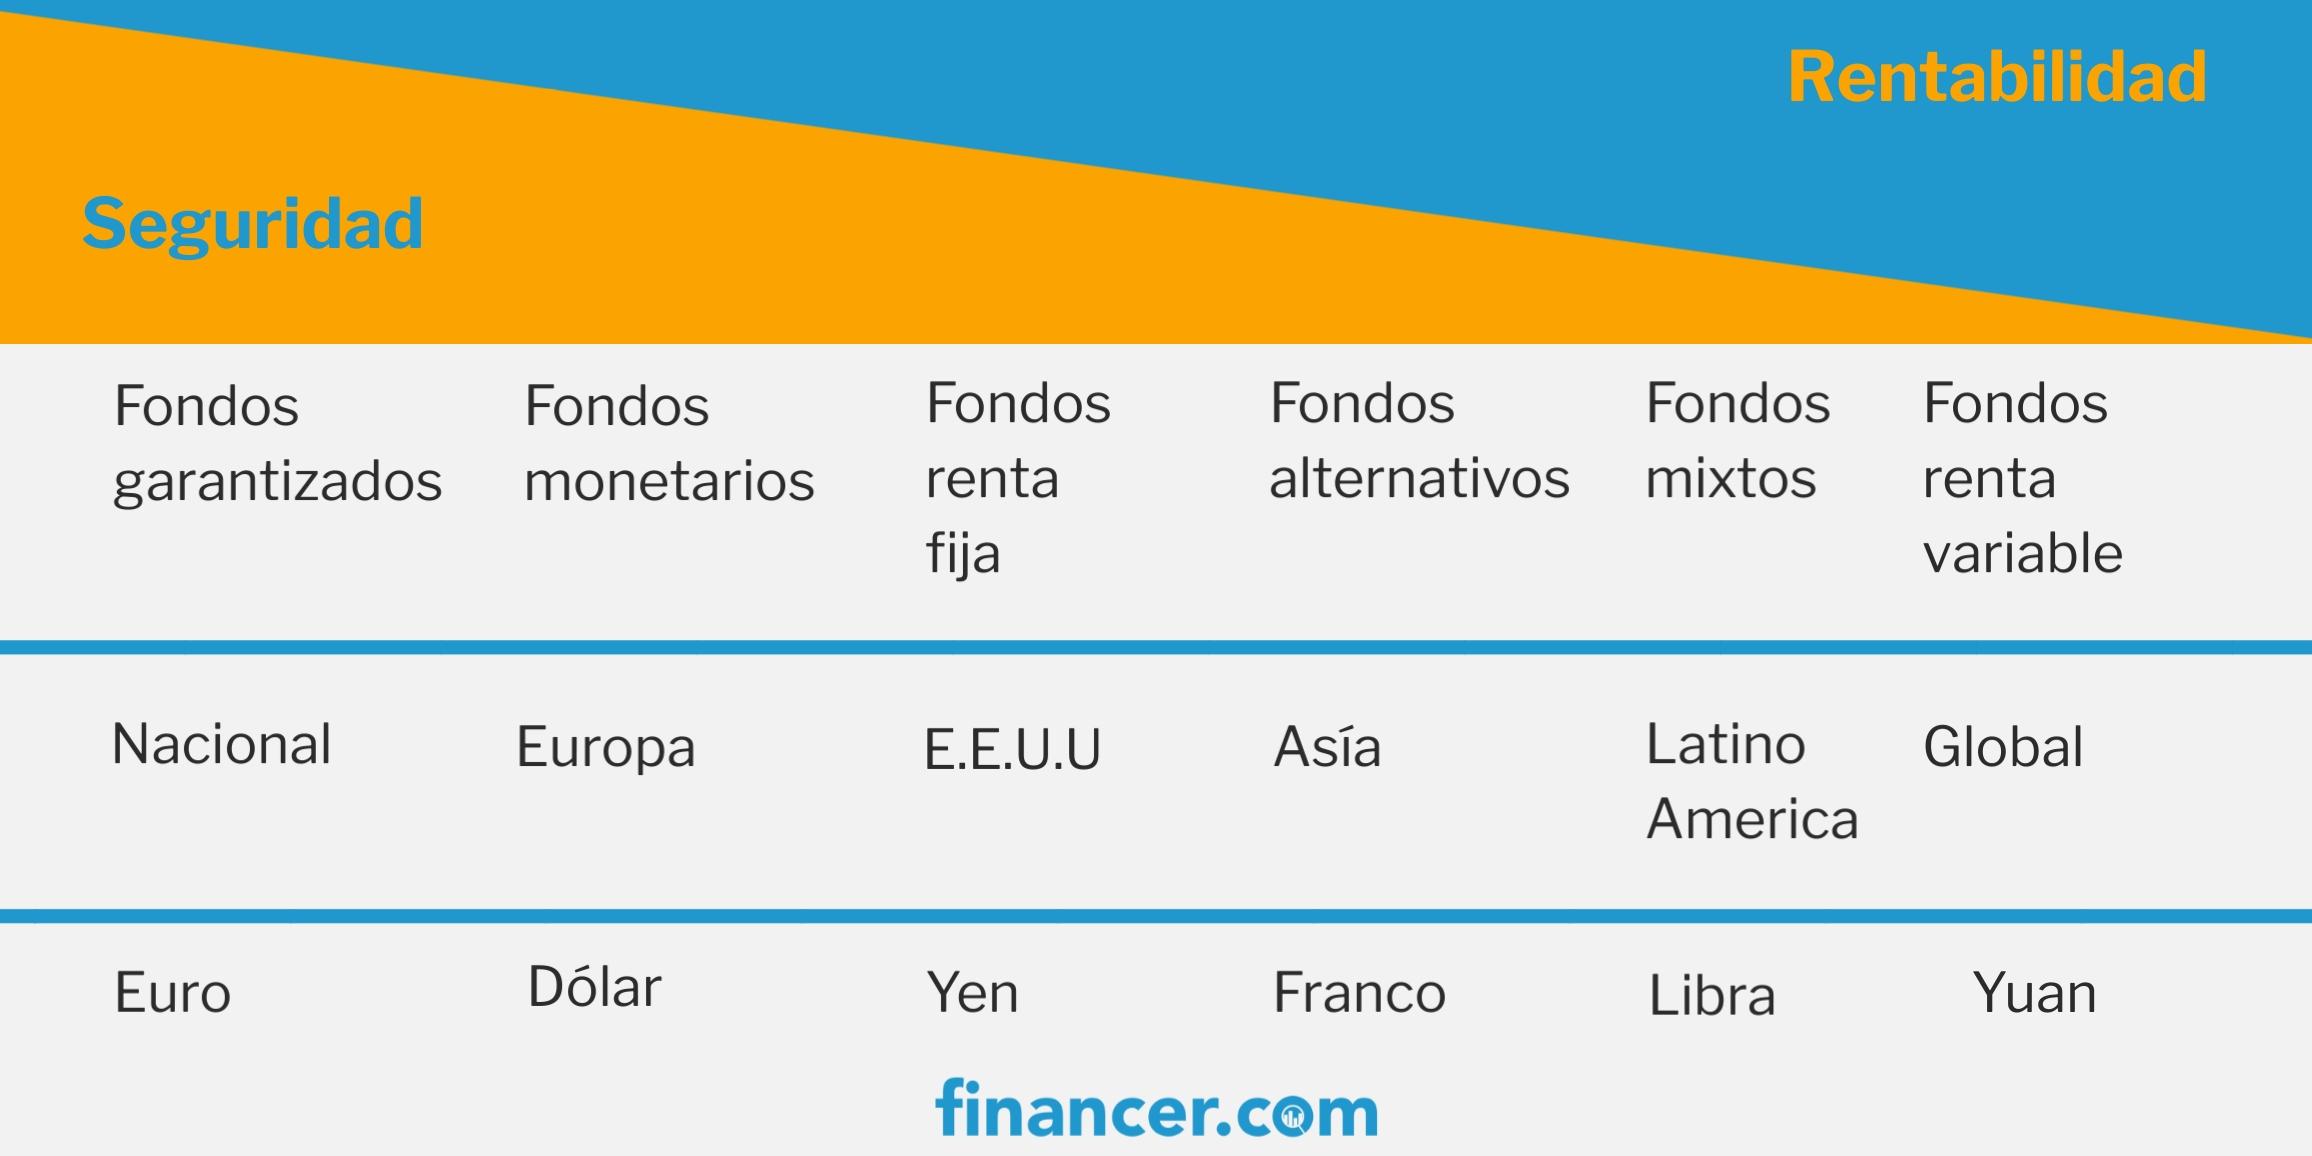 rentabilidad y riesgos de los tipos de fondos de inversion